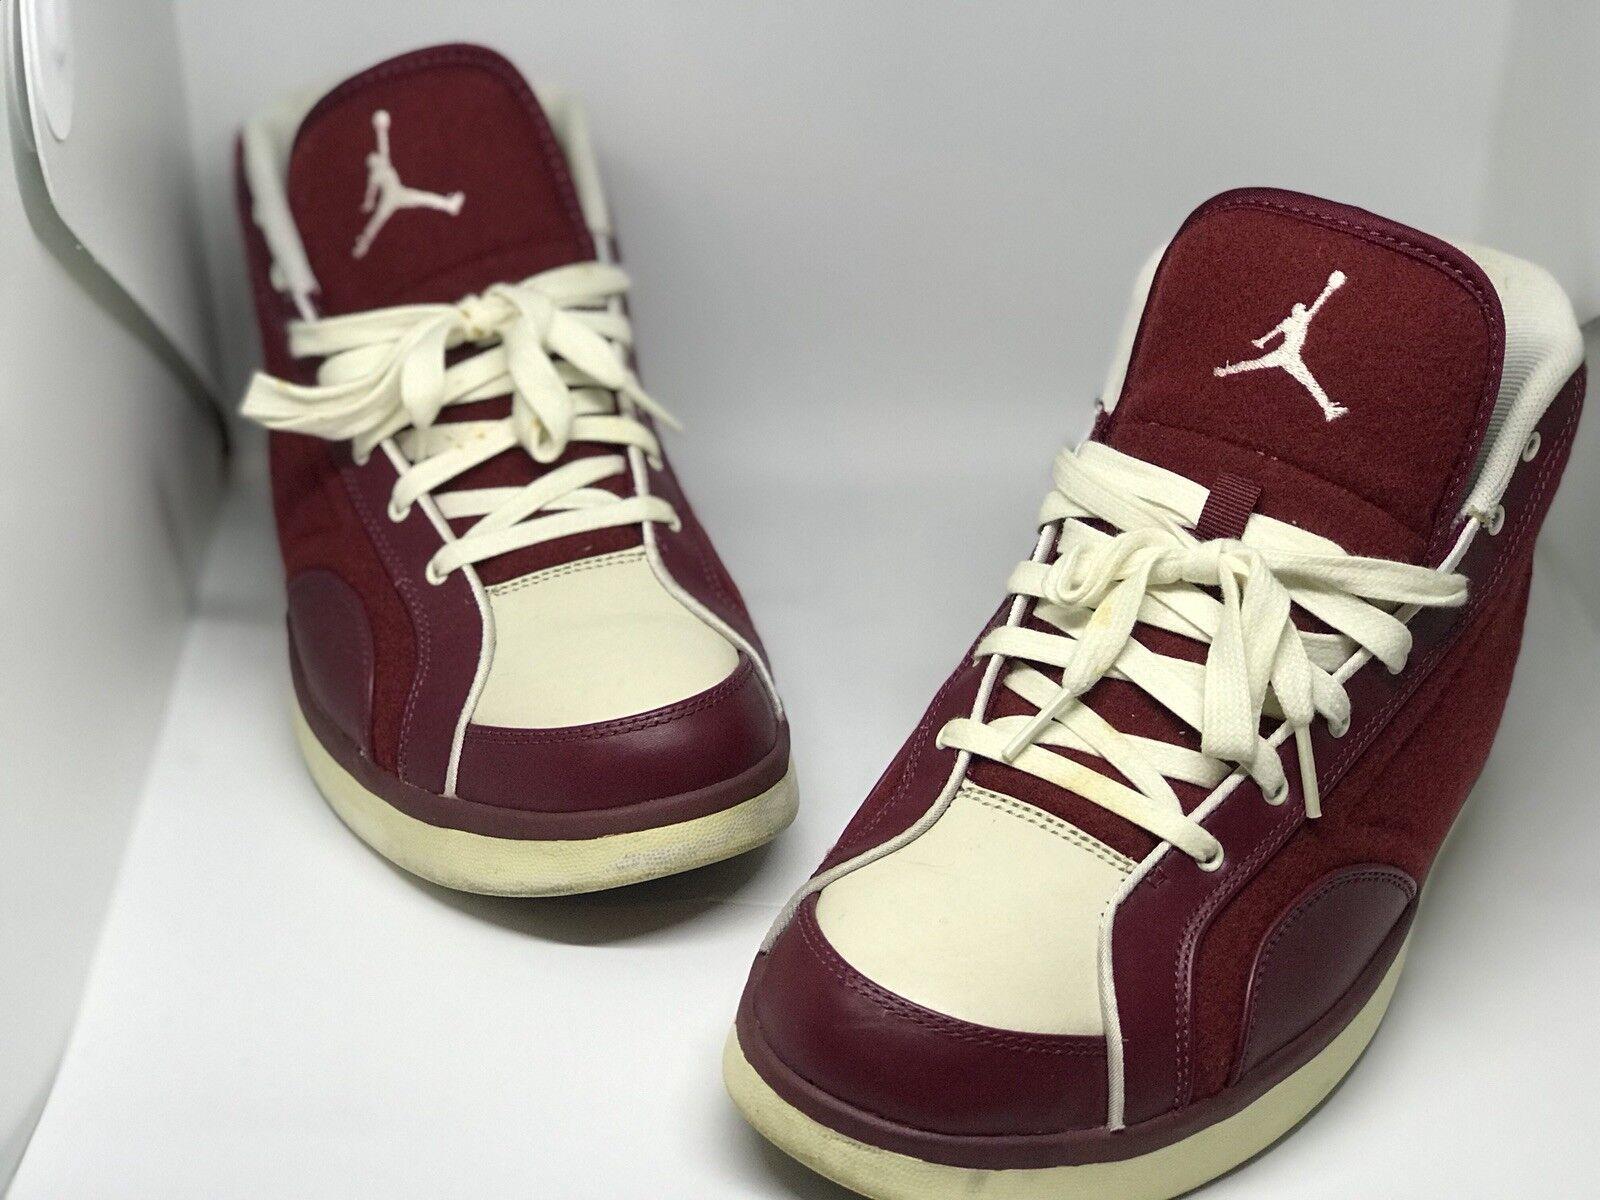 2009 RED Nike Air Jordan PHLY LEGEND PREMIER TEAM RED 2009 LETTERMAN JACKET WOOL 9.5 9d0fc9